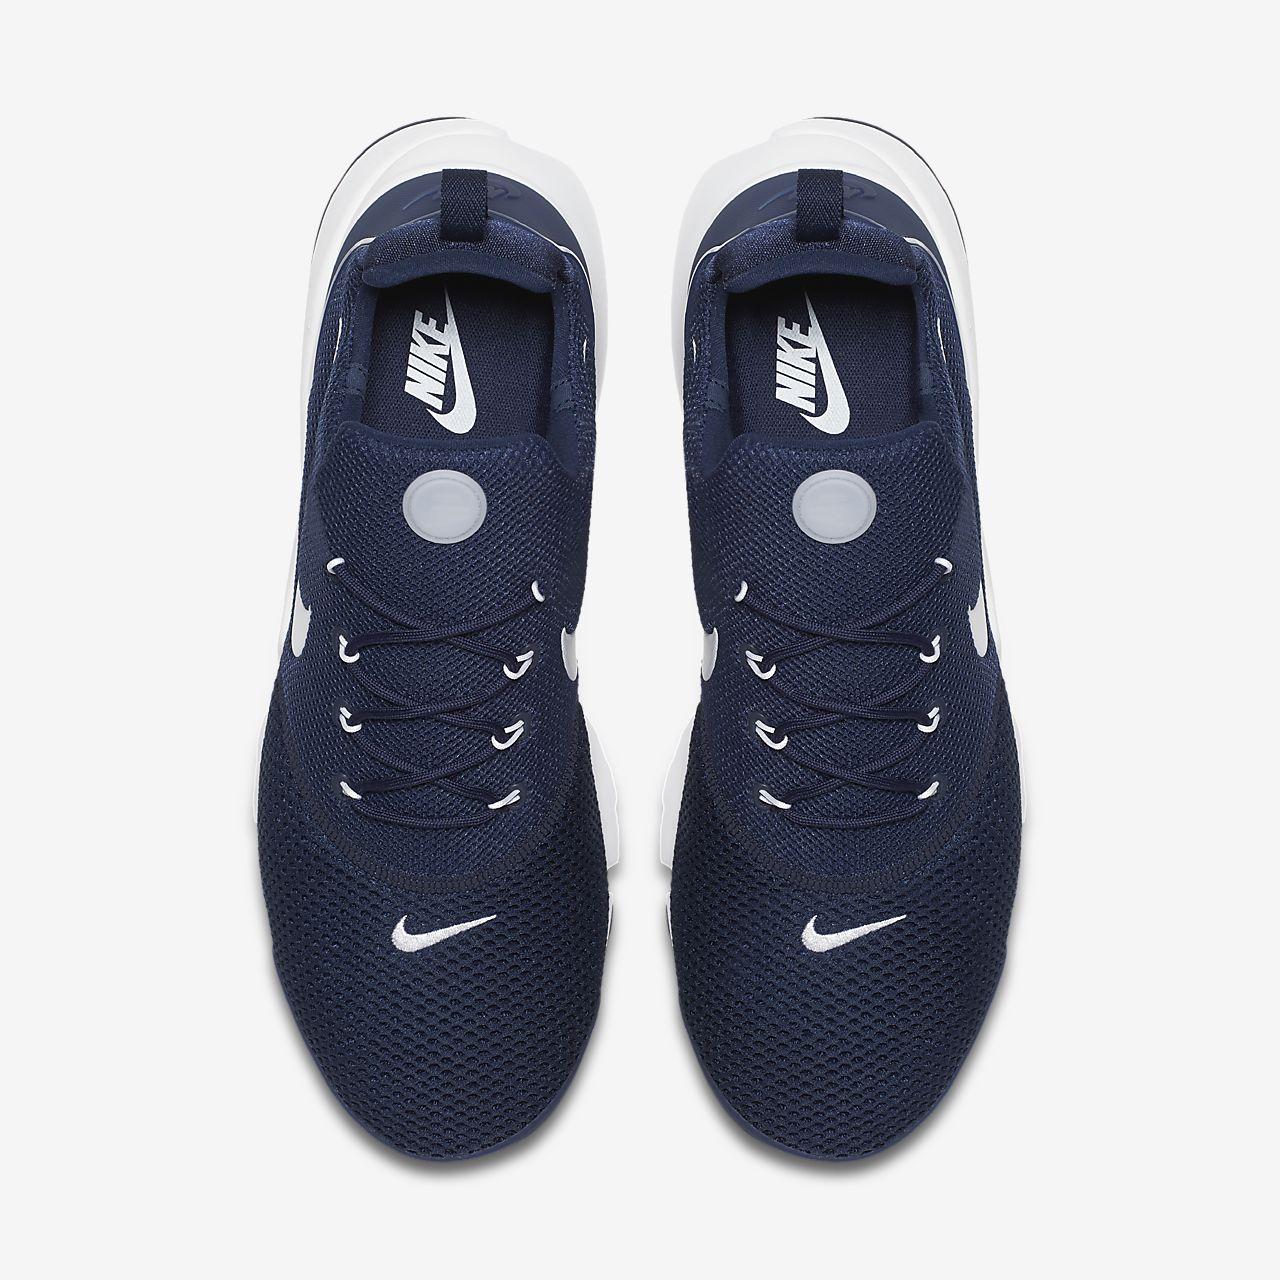 Sko Nike Presto Fly för män